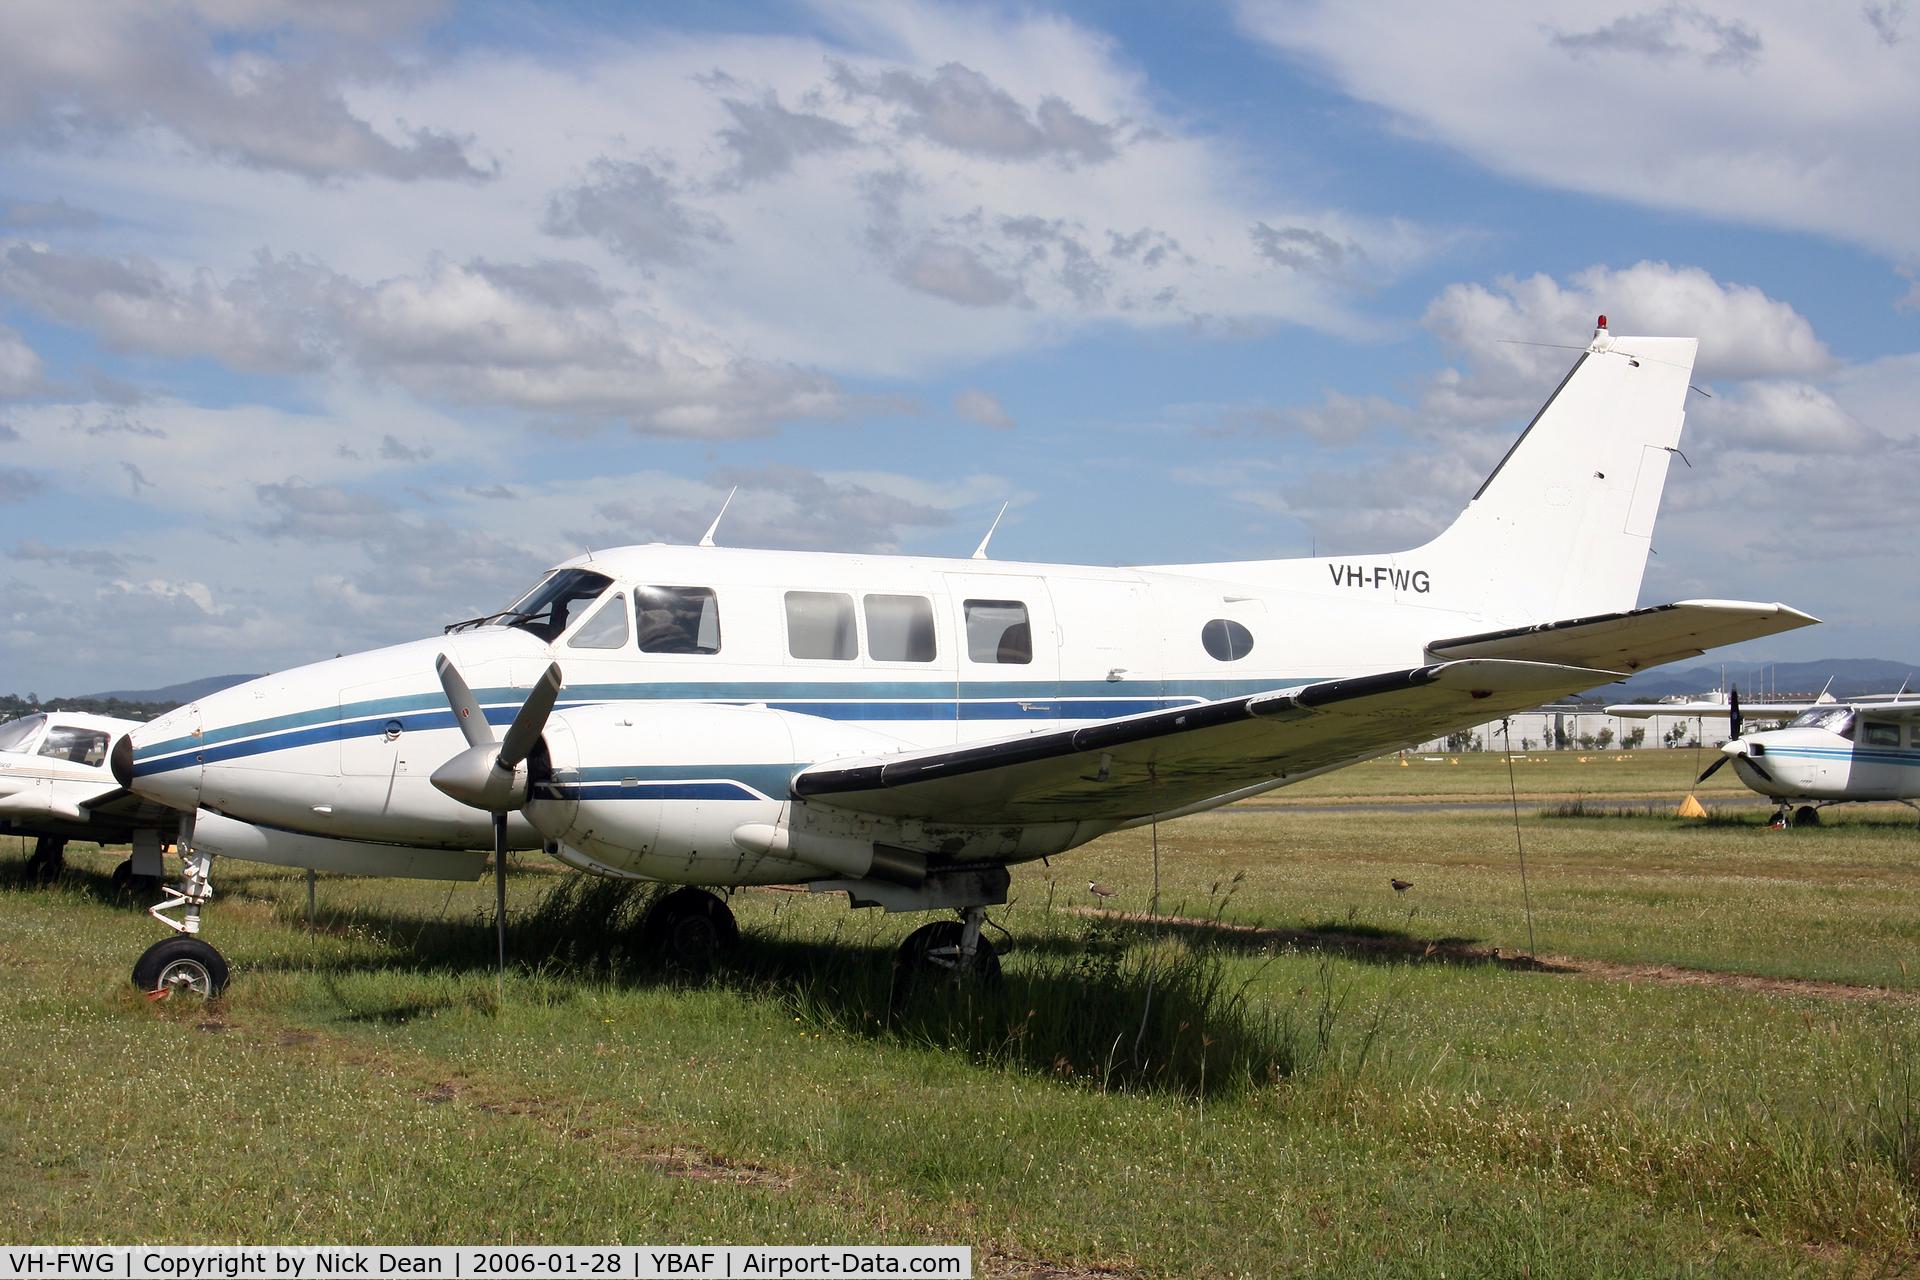 VH-FWG, 1968 Beech A65-8200 Queen Air C/N LC-298, /